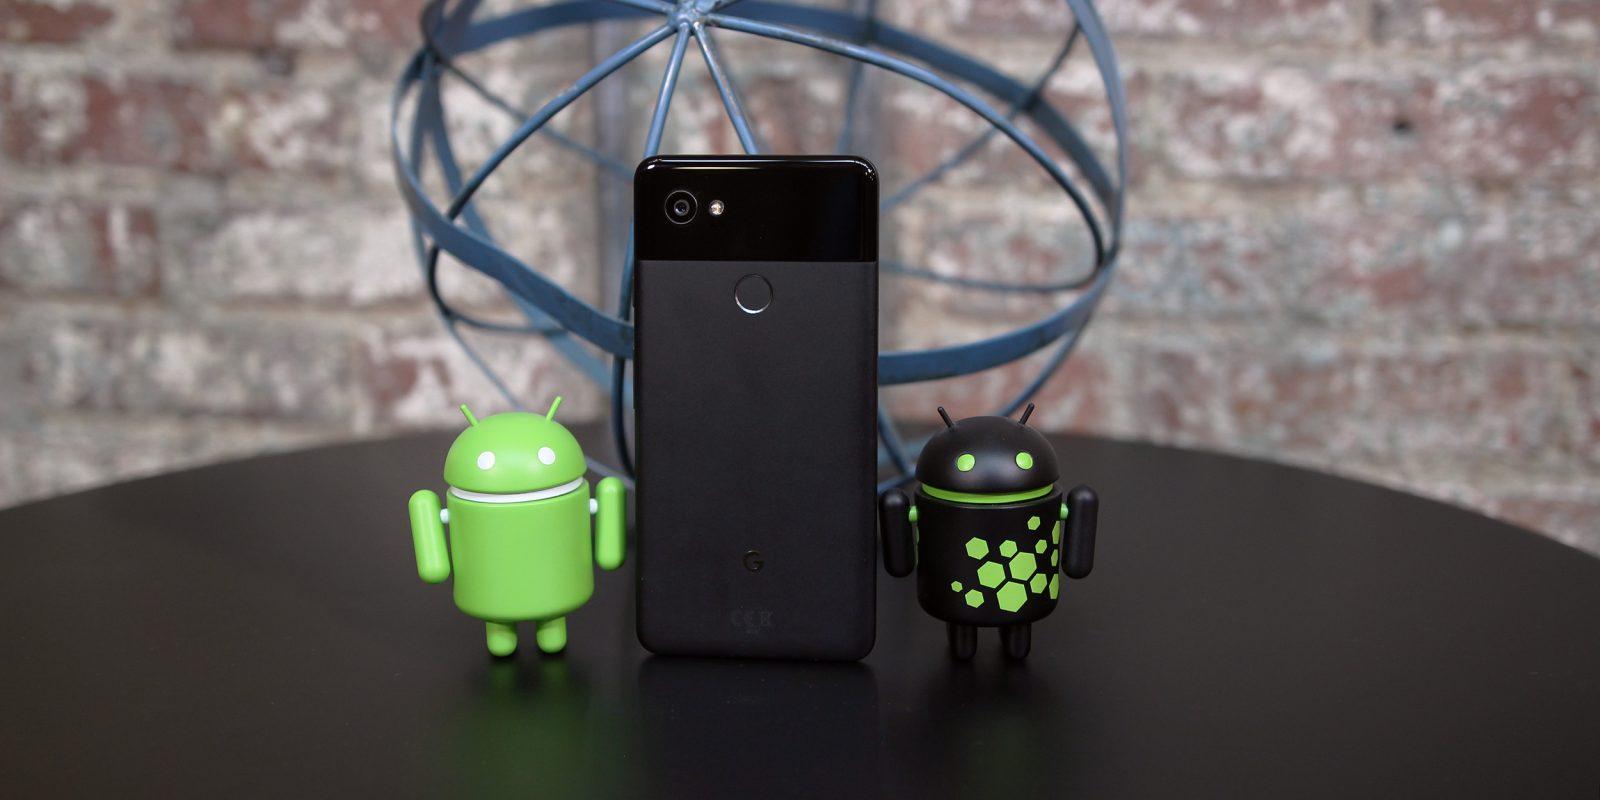 Reklamat e fshehura harxhuan bateritë e telefonave Android